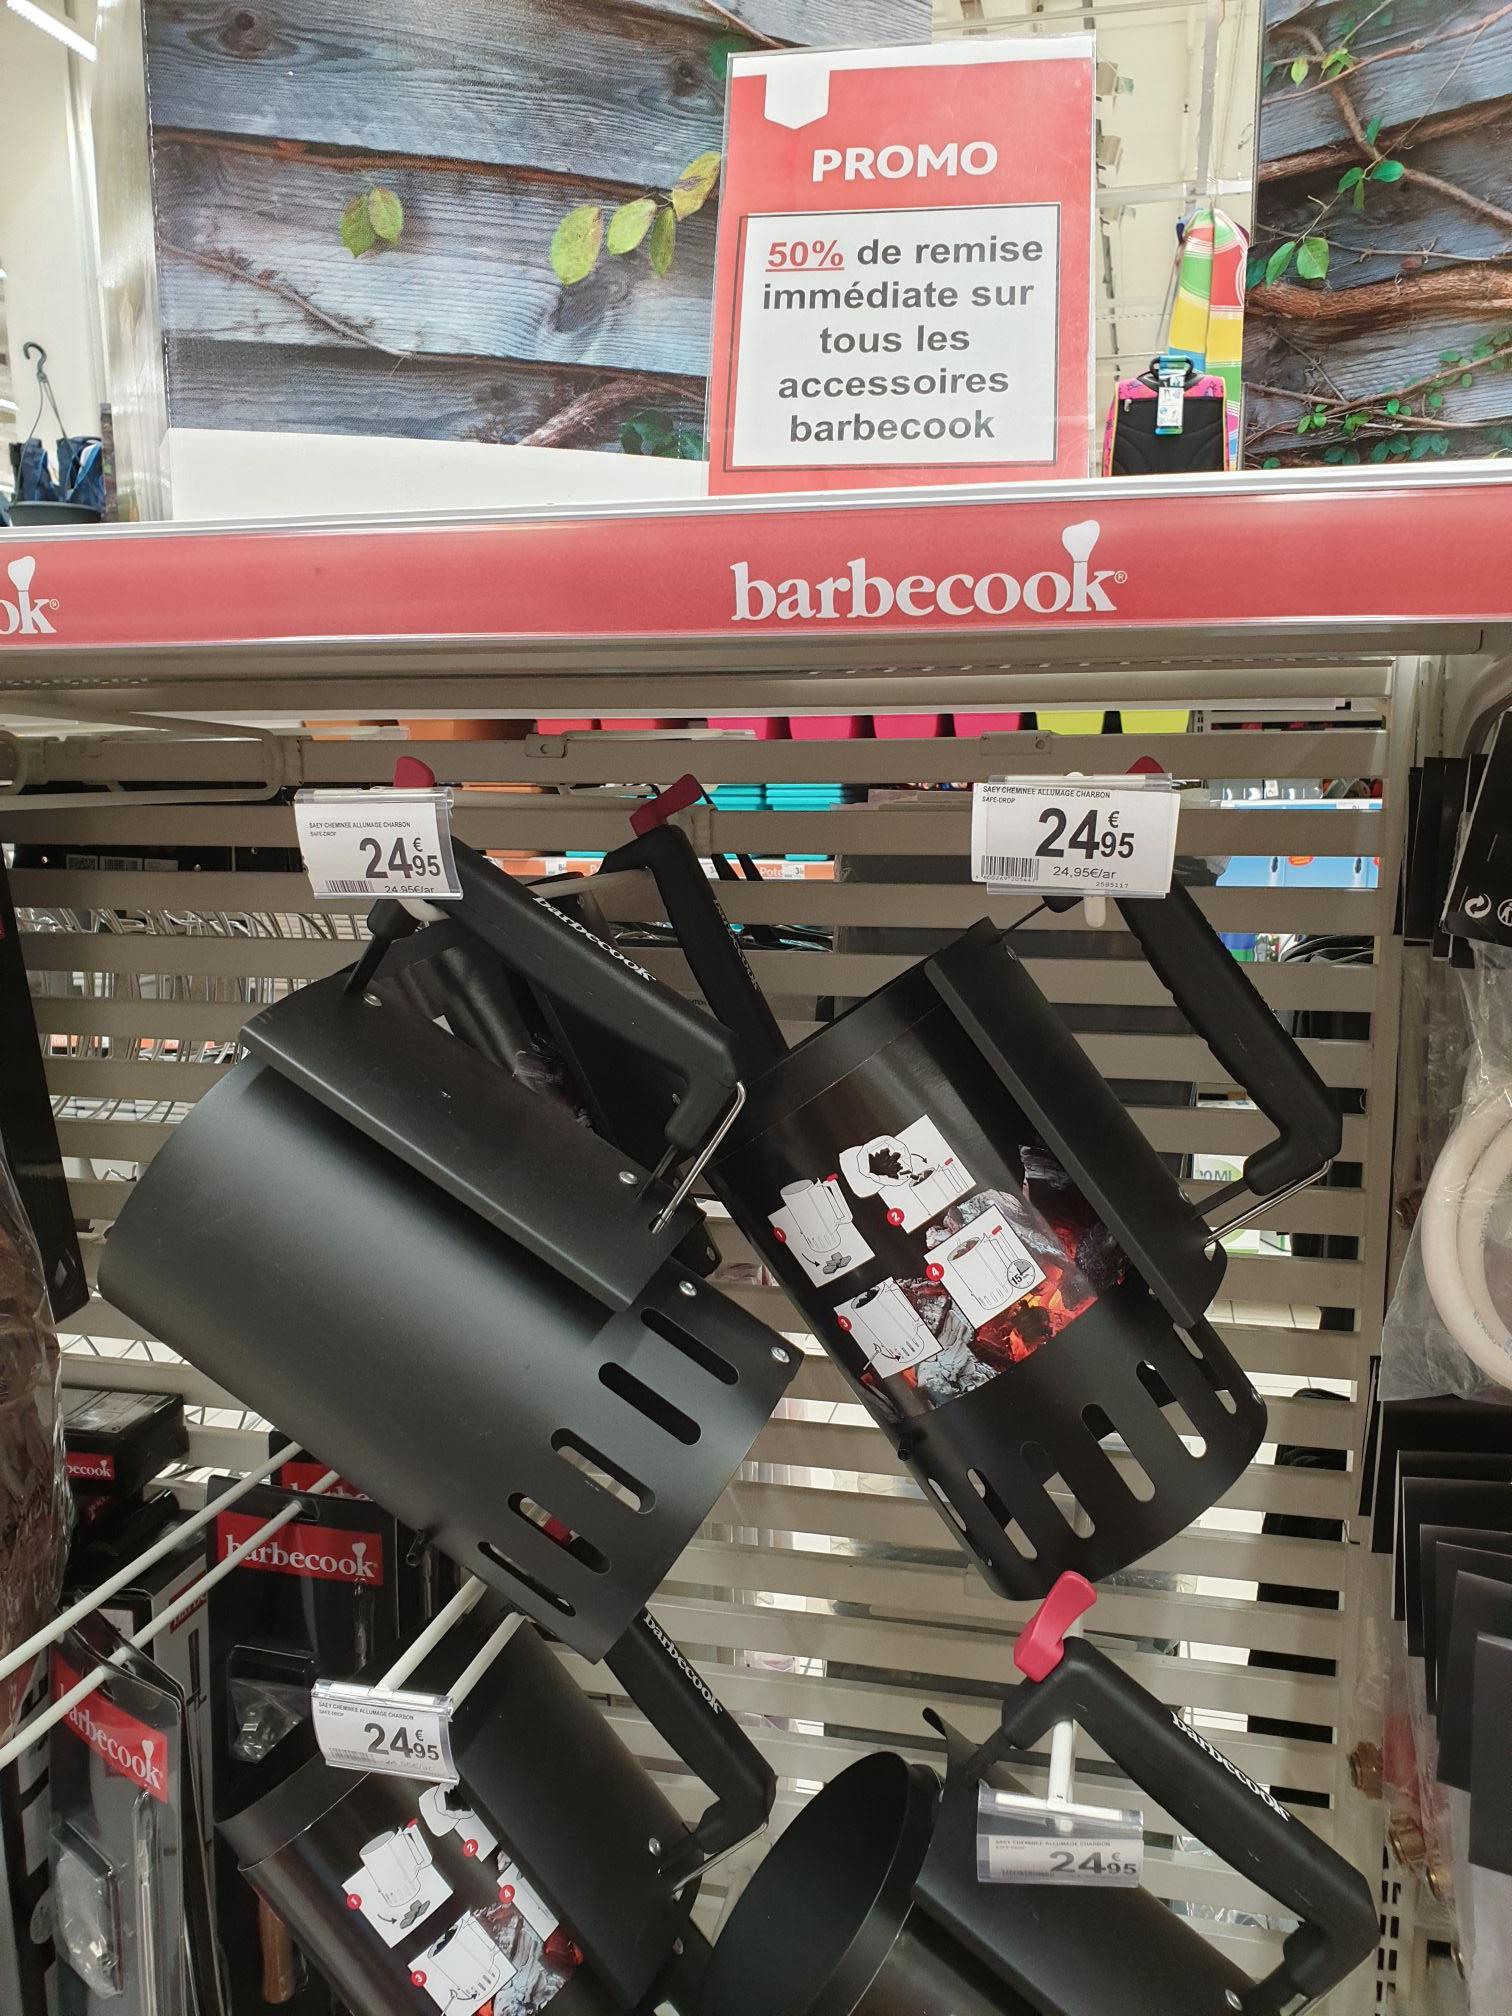 50% de réduction sur tous les accessoires Barbecook - Auchan Kirchberg (Frontaliers Luxembourg)